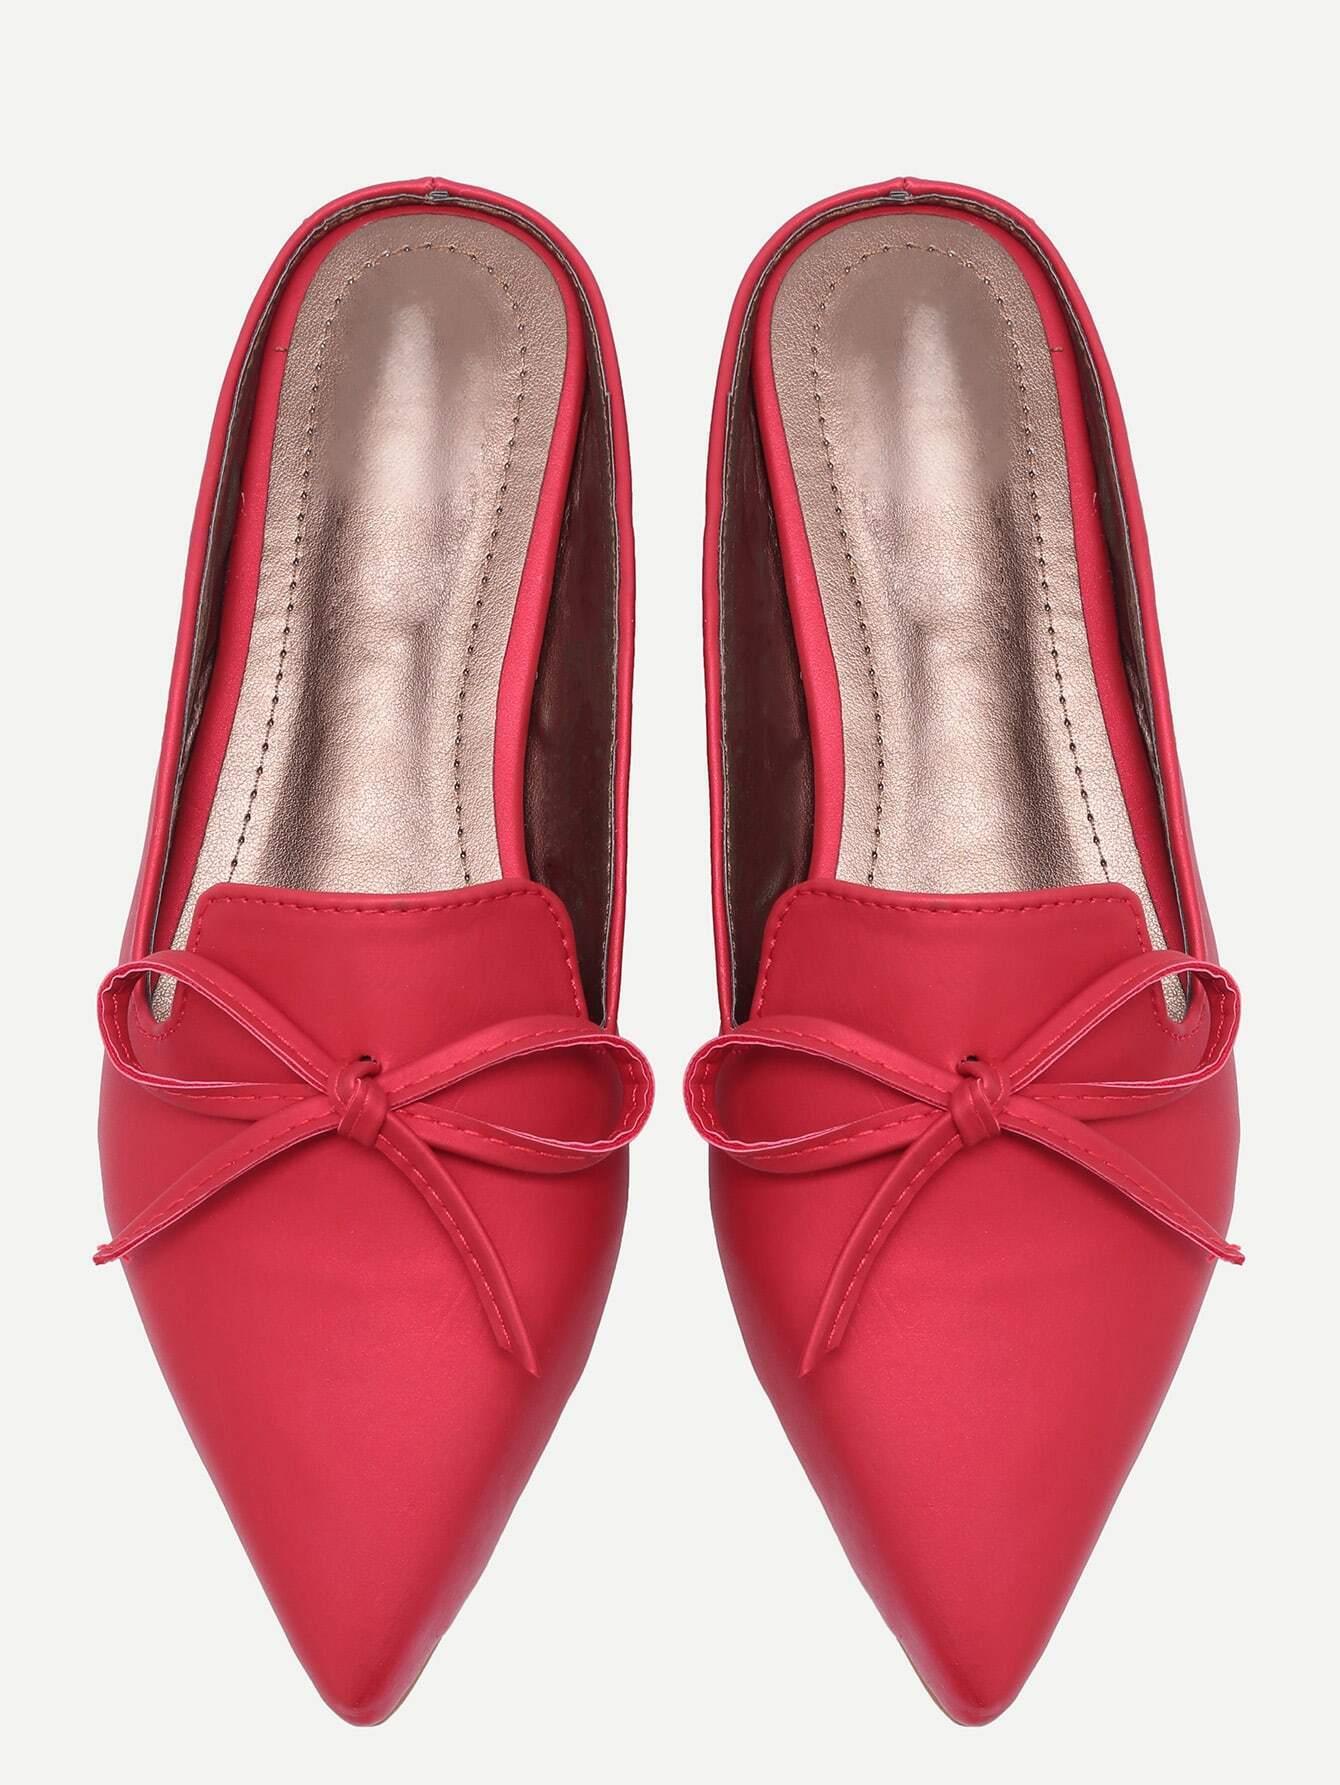 shoes161103804_2